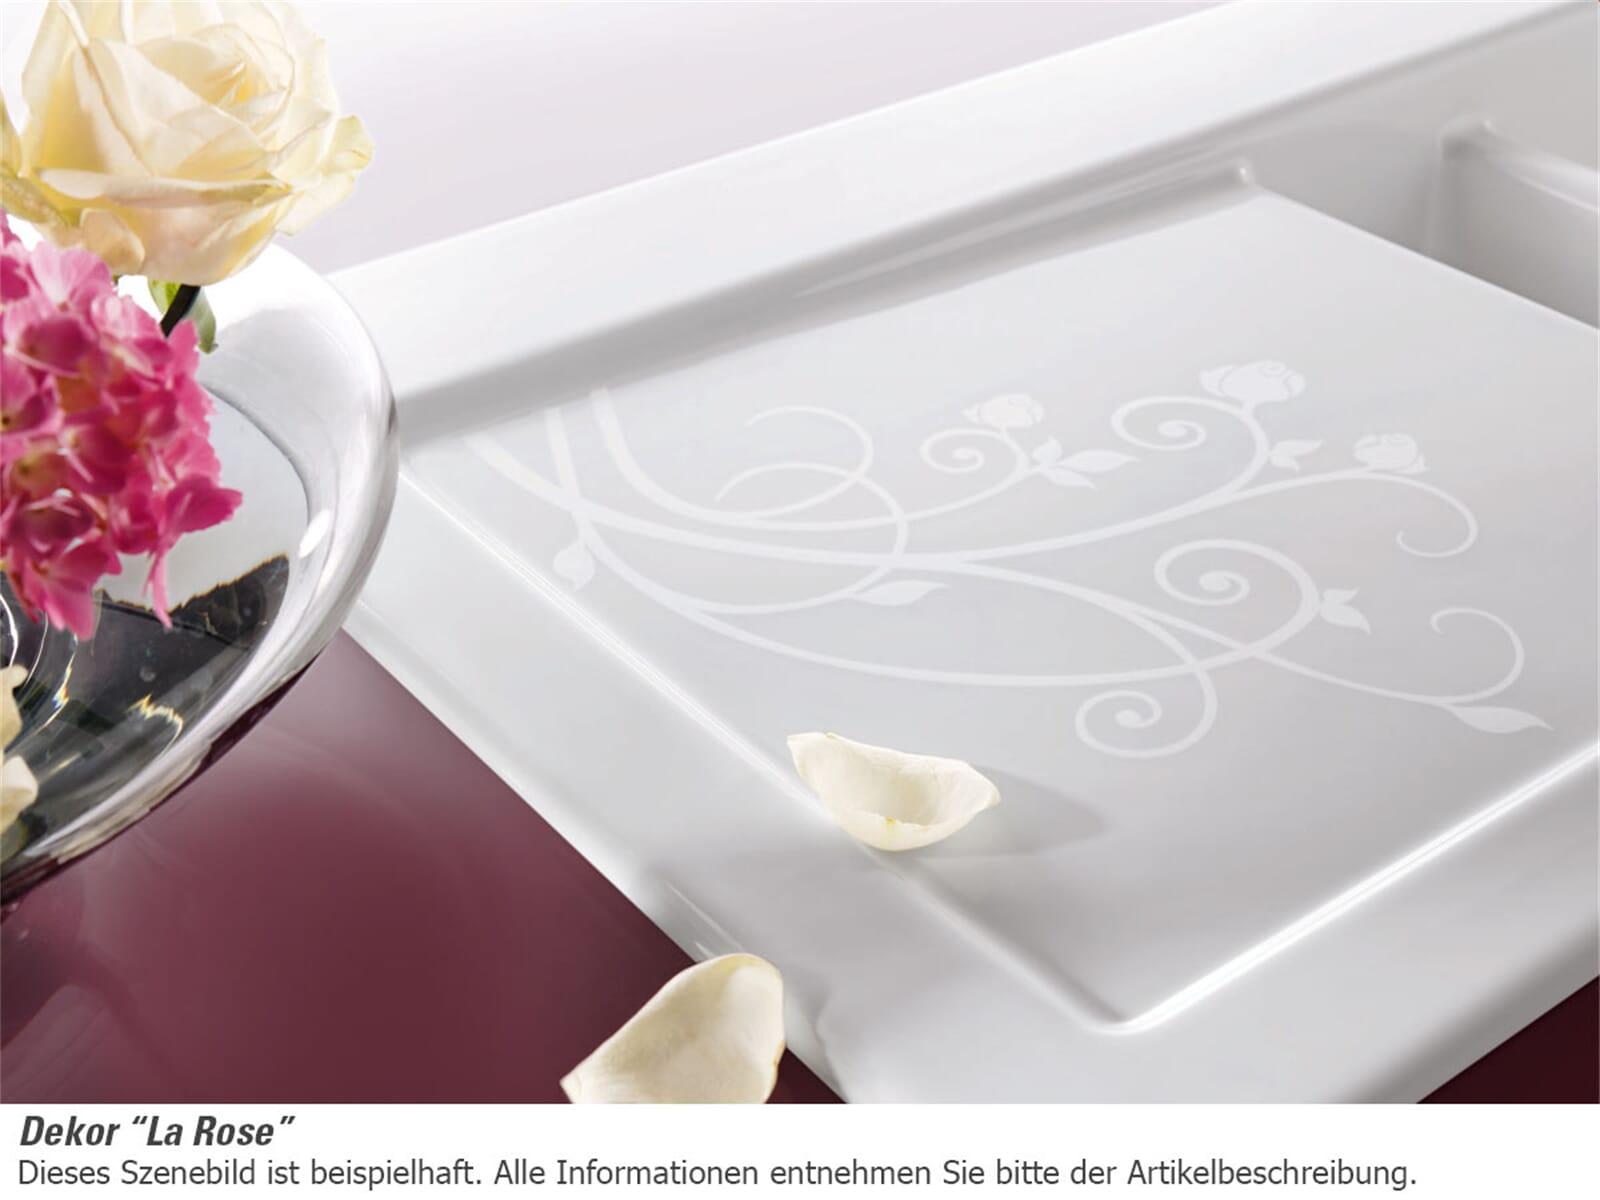 Villeroy & Boch Timeline 50 La Rose - 3307 01 KW Keramikspüle Handbetätigung